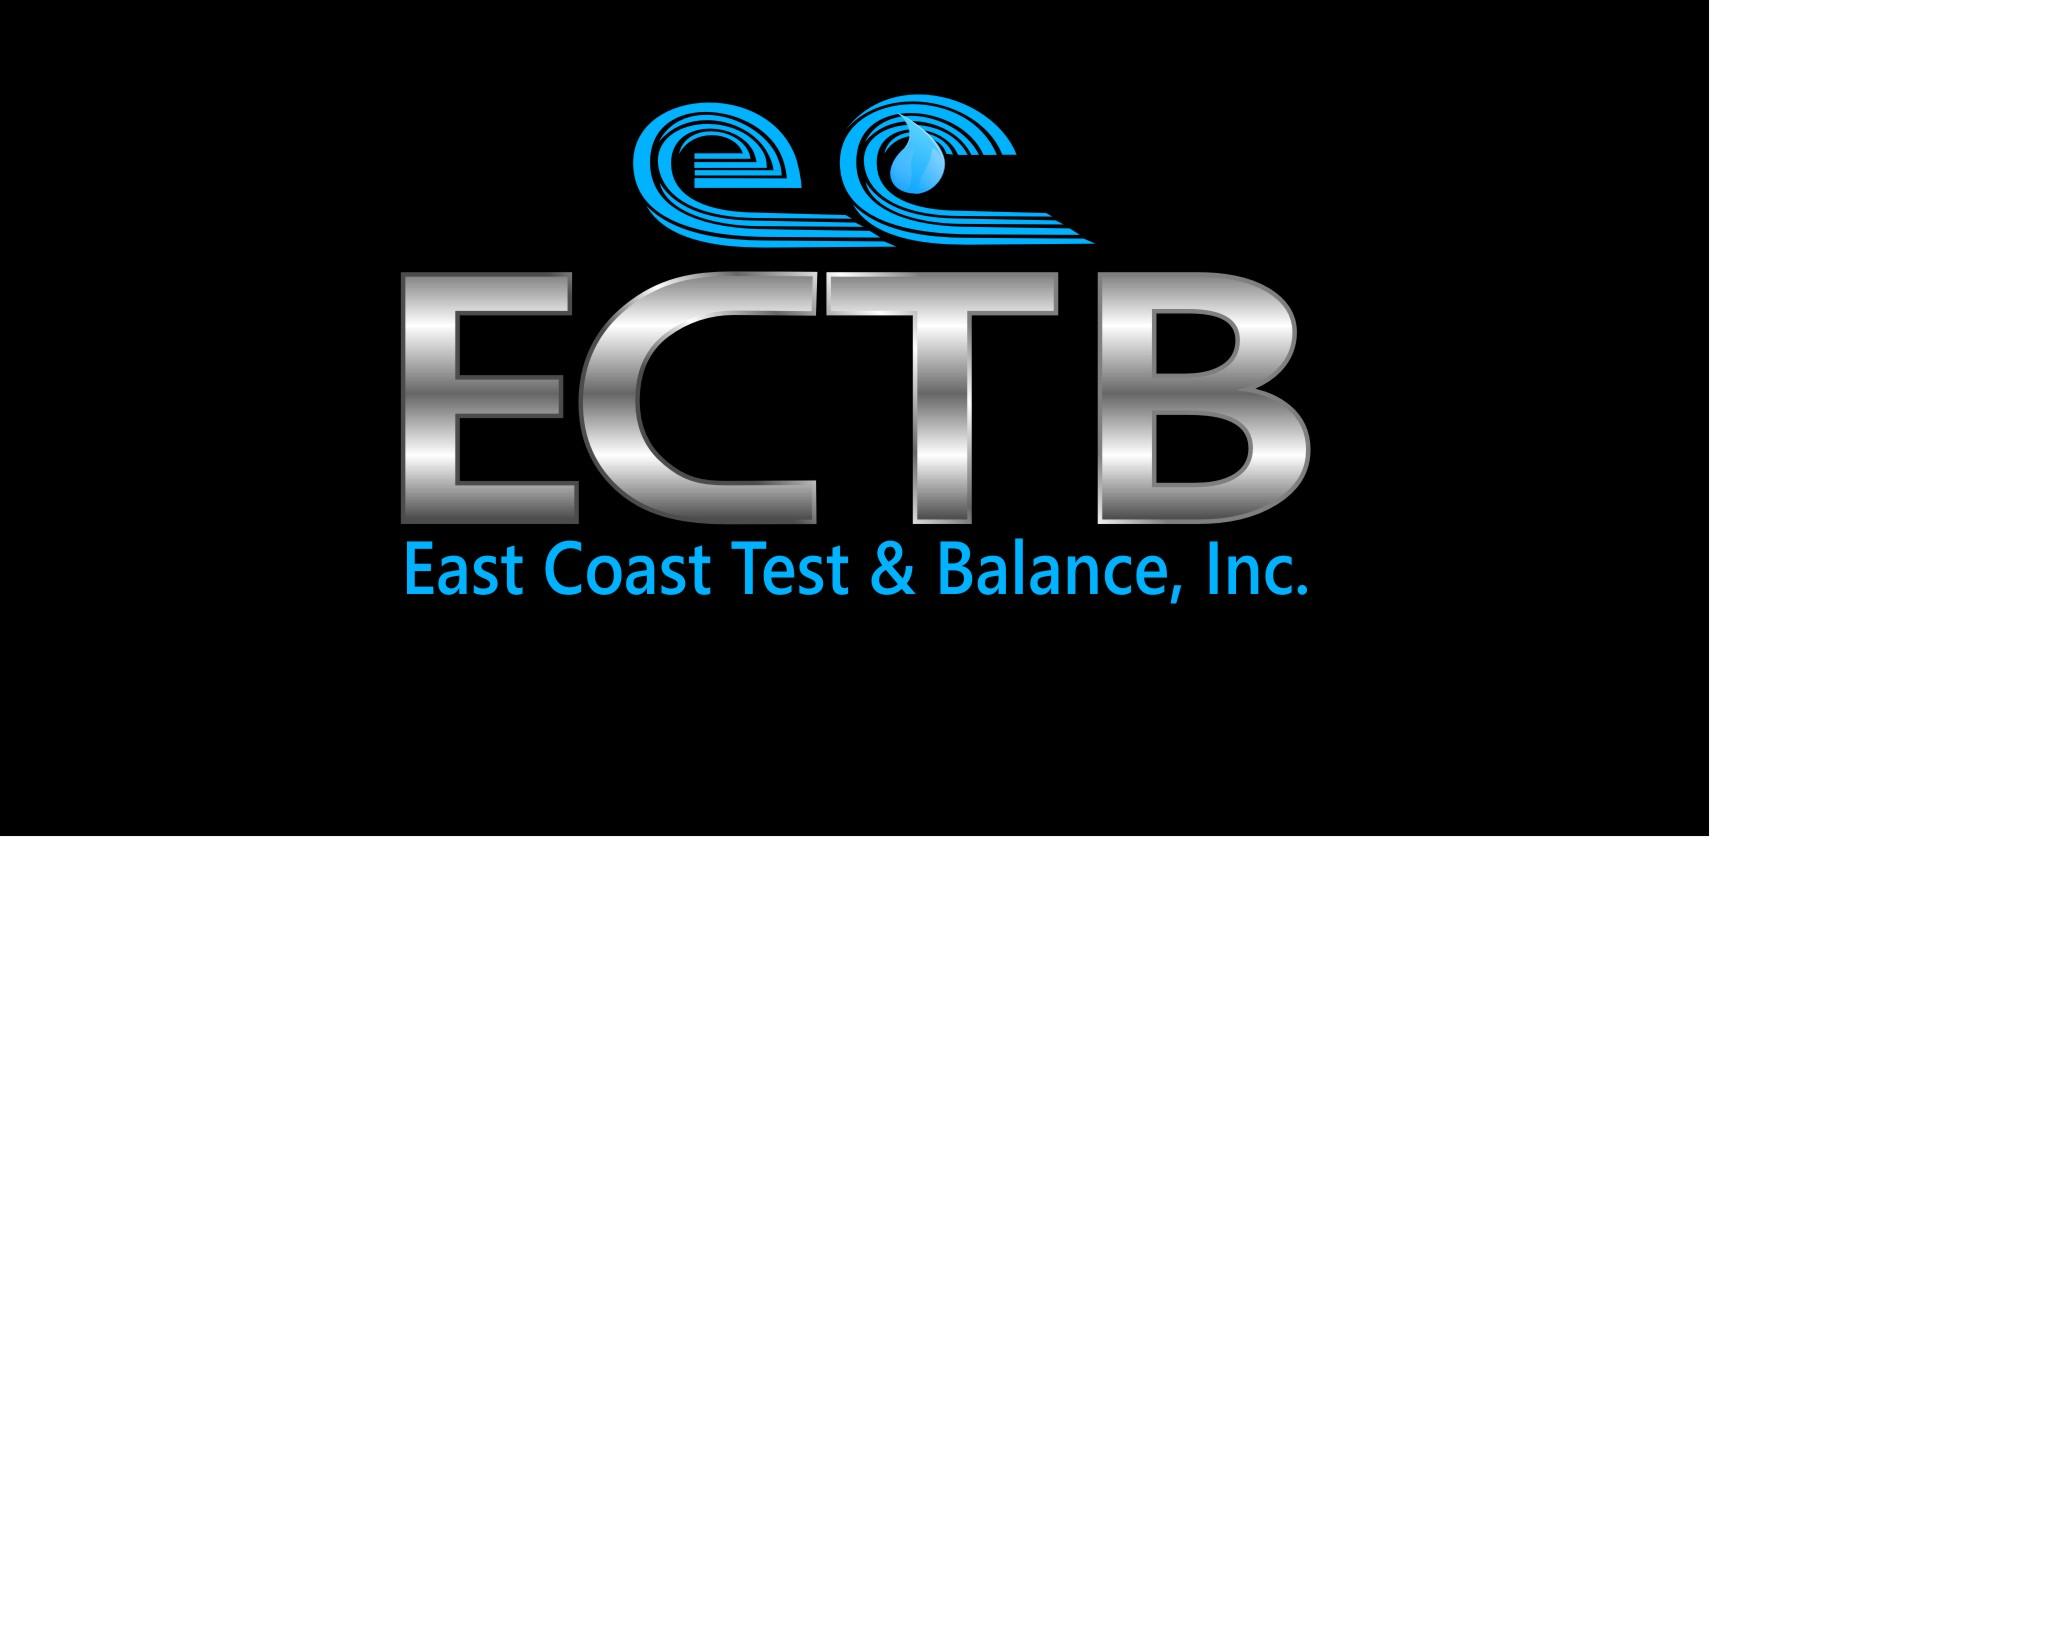 Logo Design by Robert Morgan - Entry No. 58 in the Logo Design Contest Logo Design for East Coast Test & Balance, Inc. (ECTB).